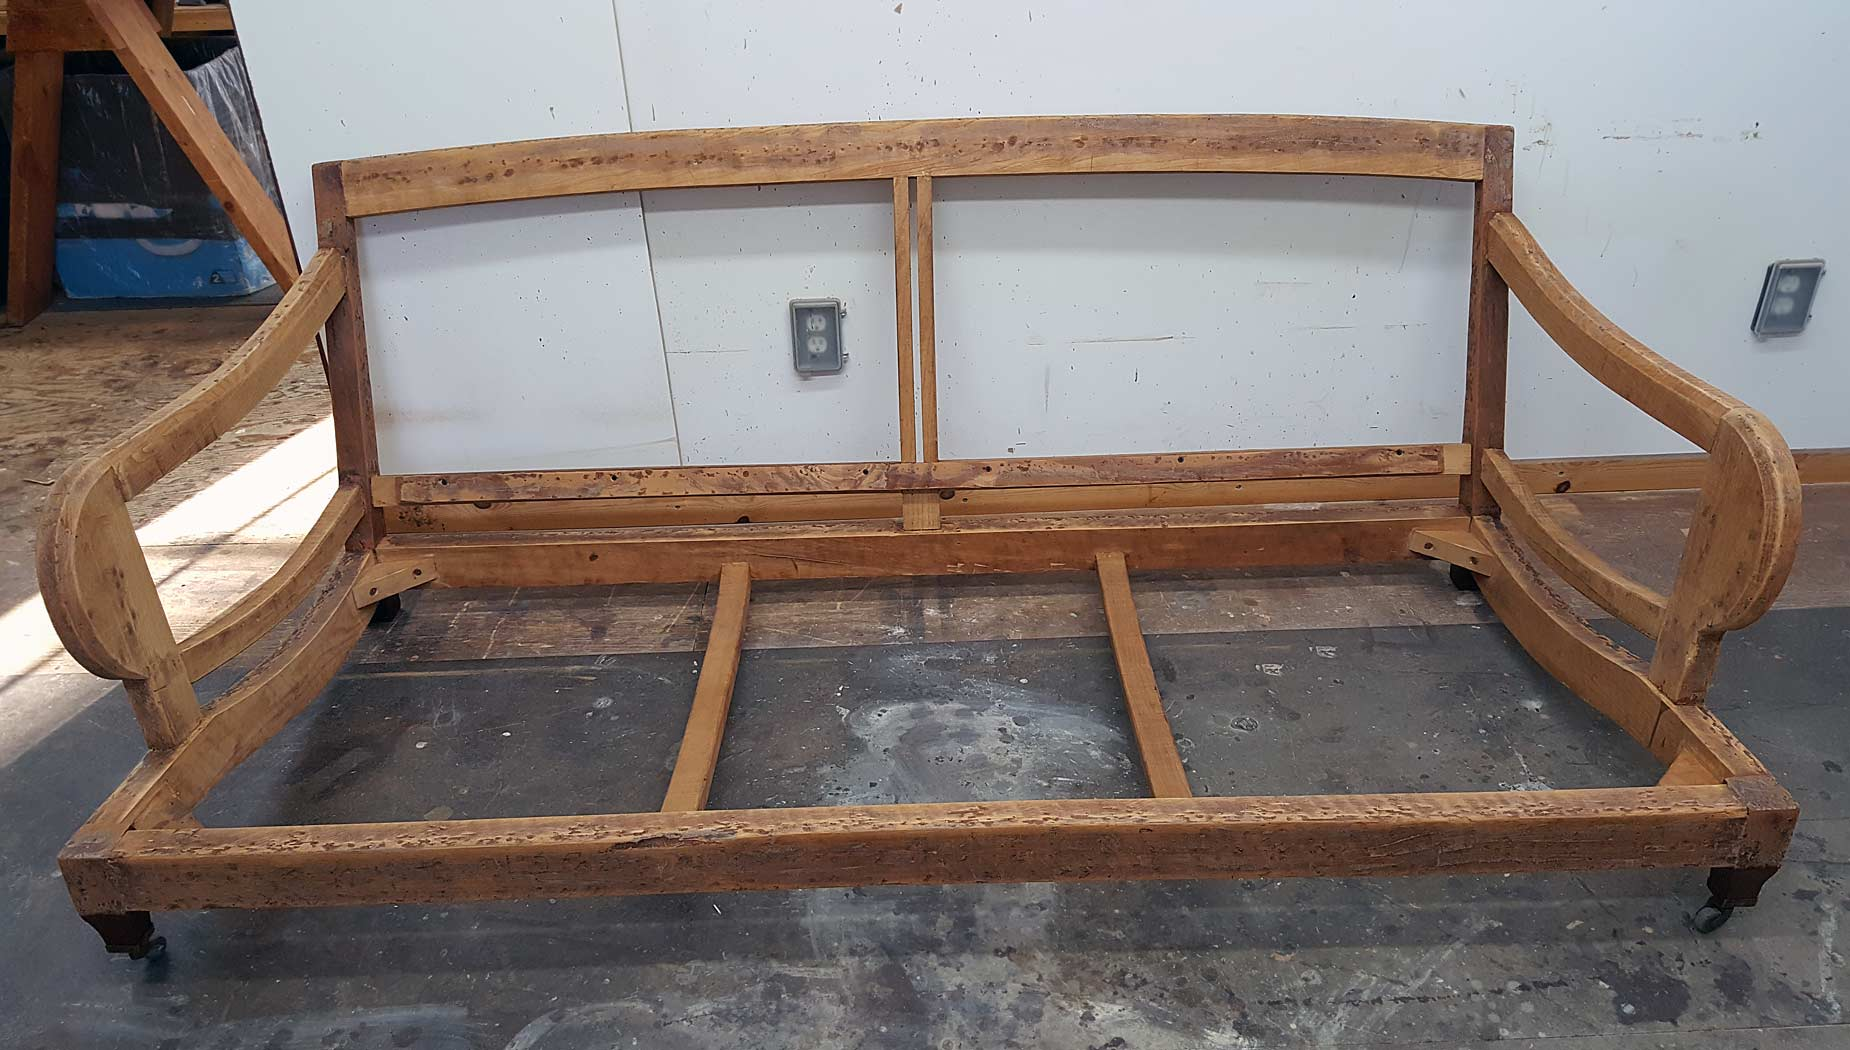 Sofa Frame After Repair